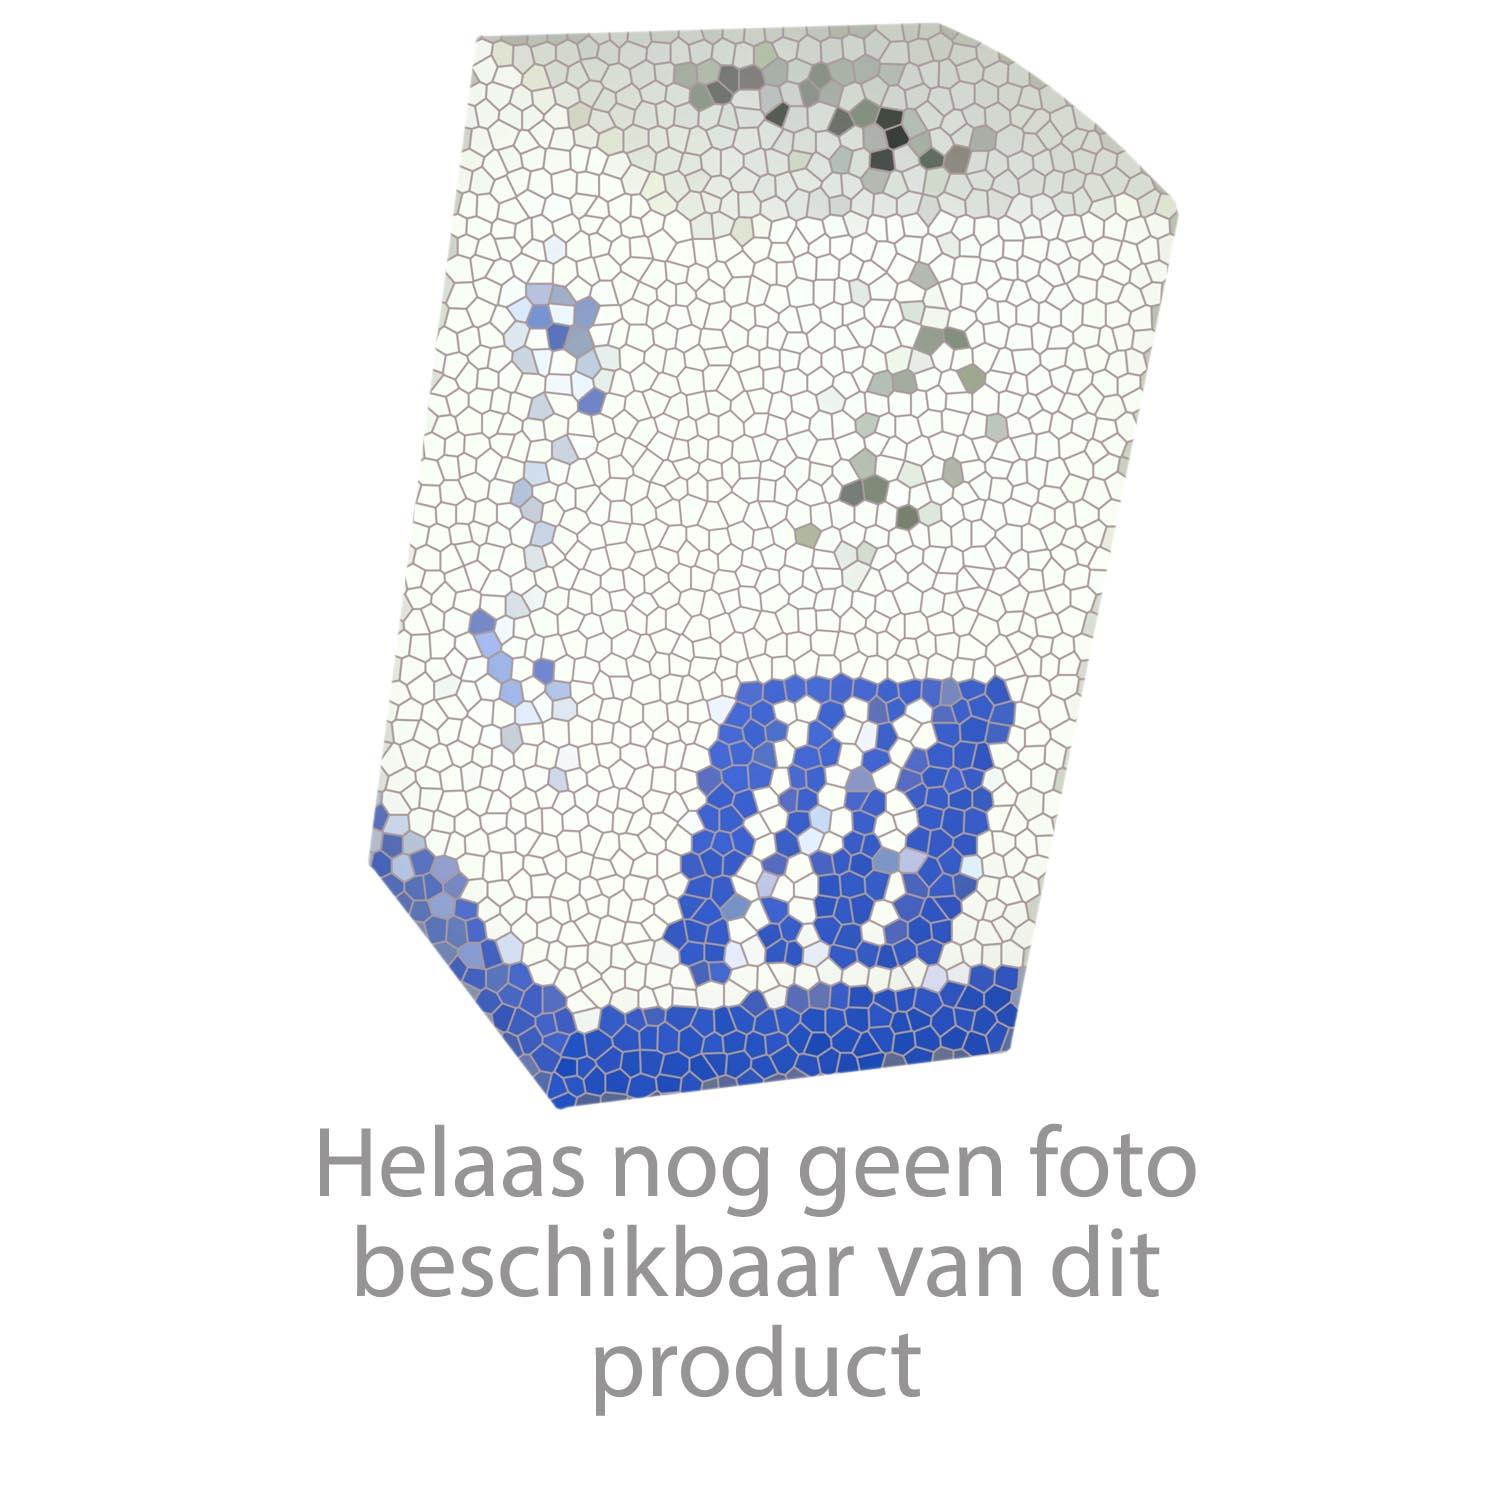 HansGrohe Afvoer- en overloopgarnituren Afvoer- en kopphebelgarnitur productiejaar 01/77 - 03/01 51369 onderdelen